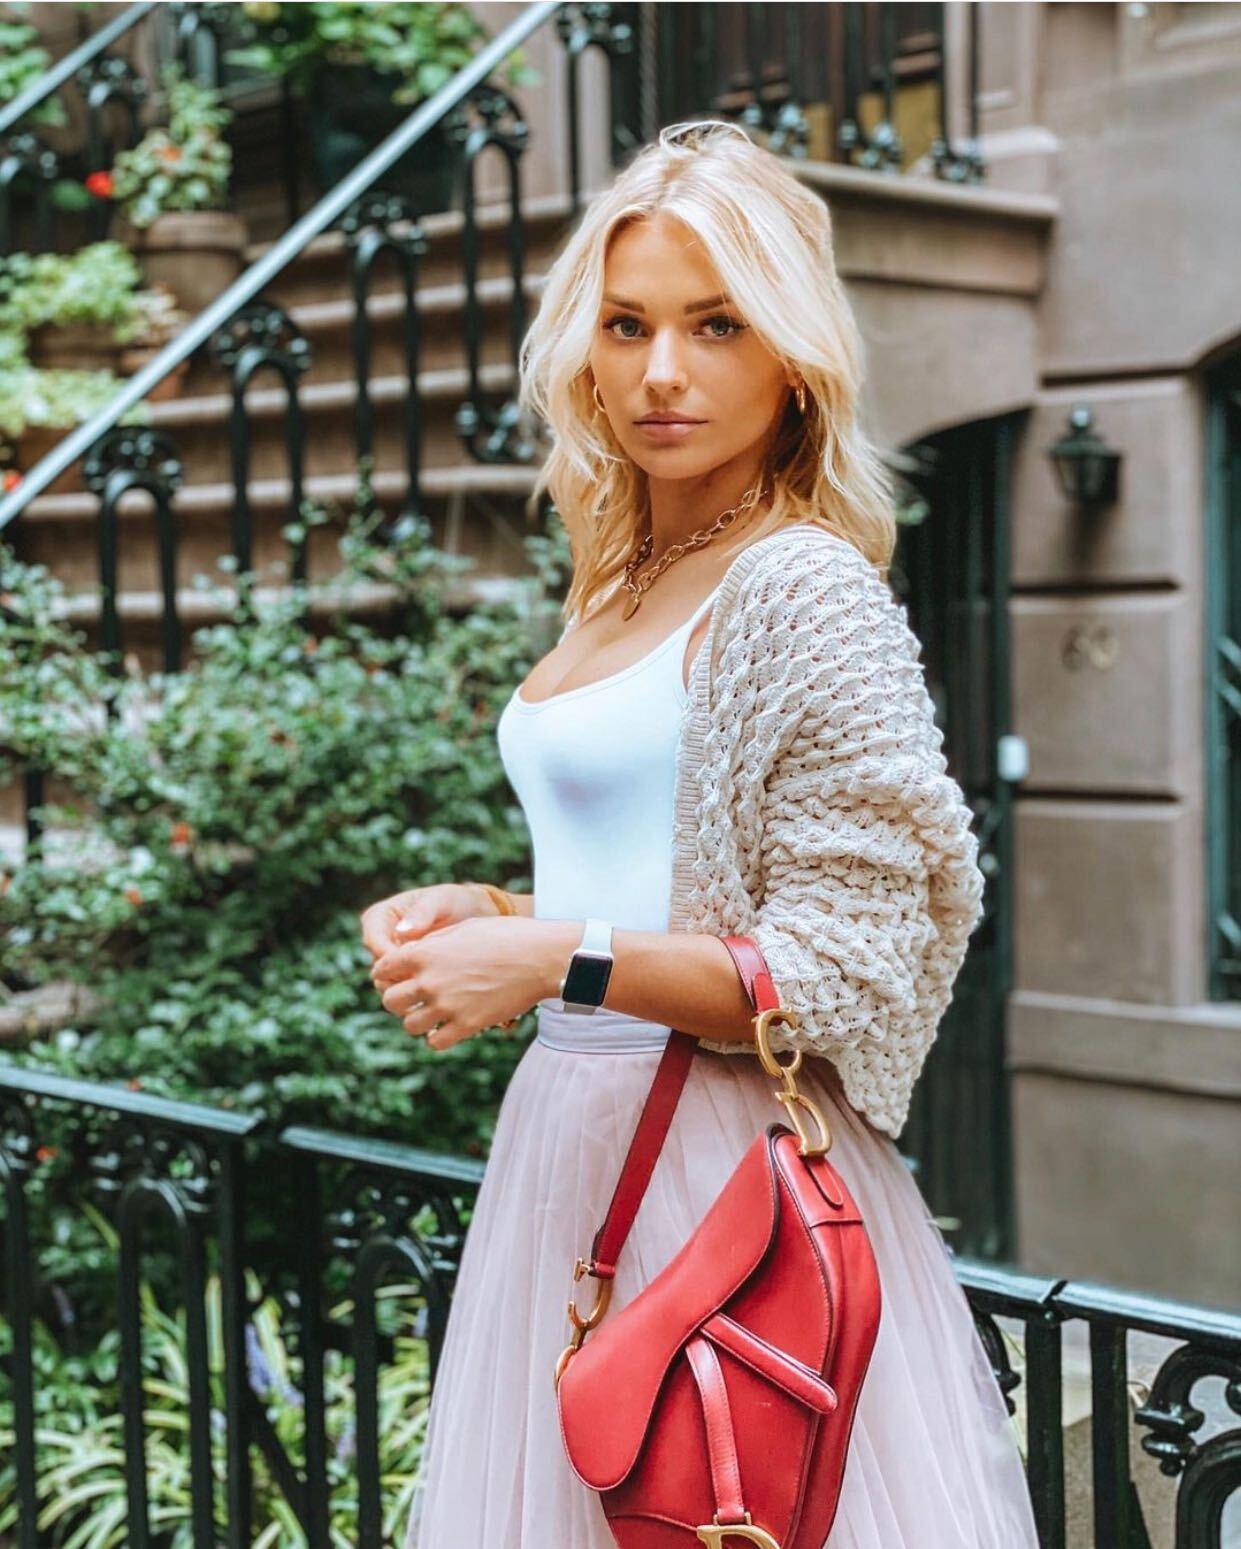 Irina Baeva, New York